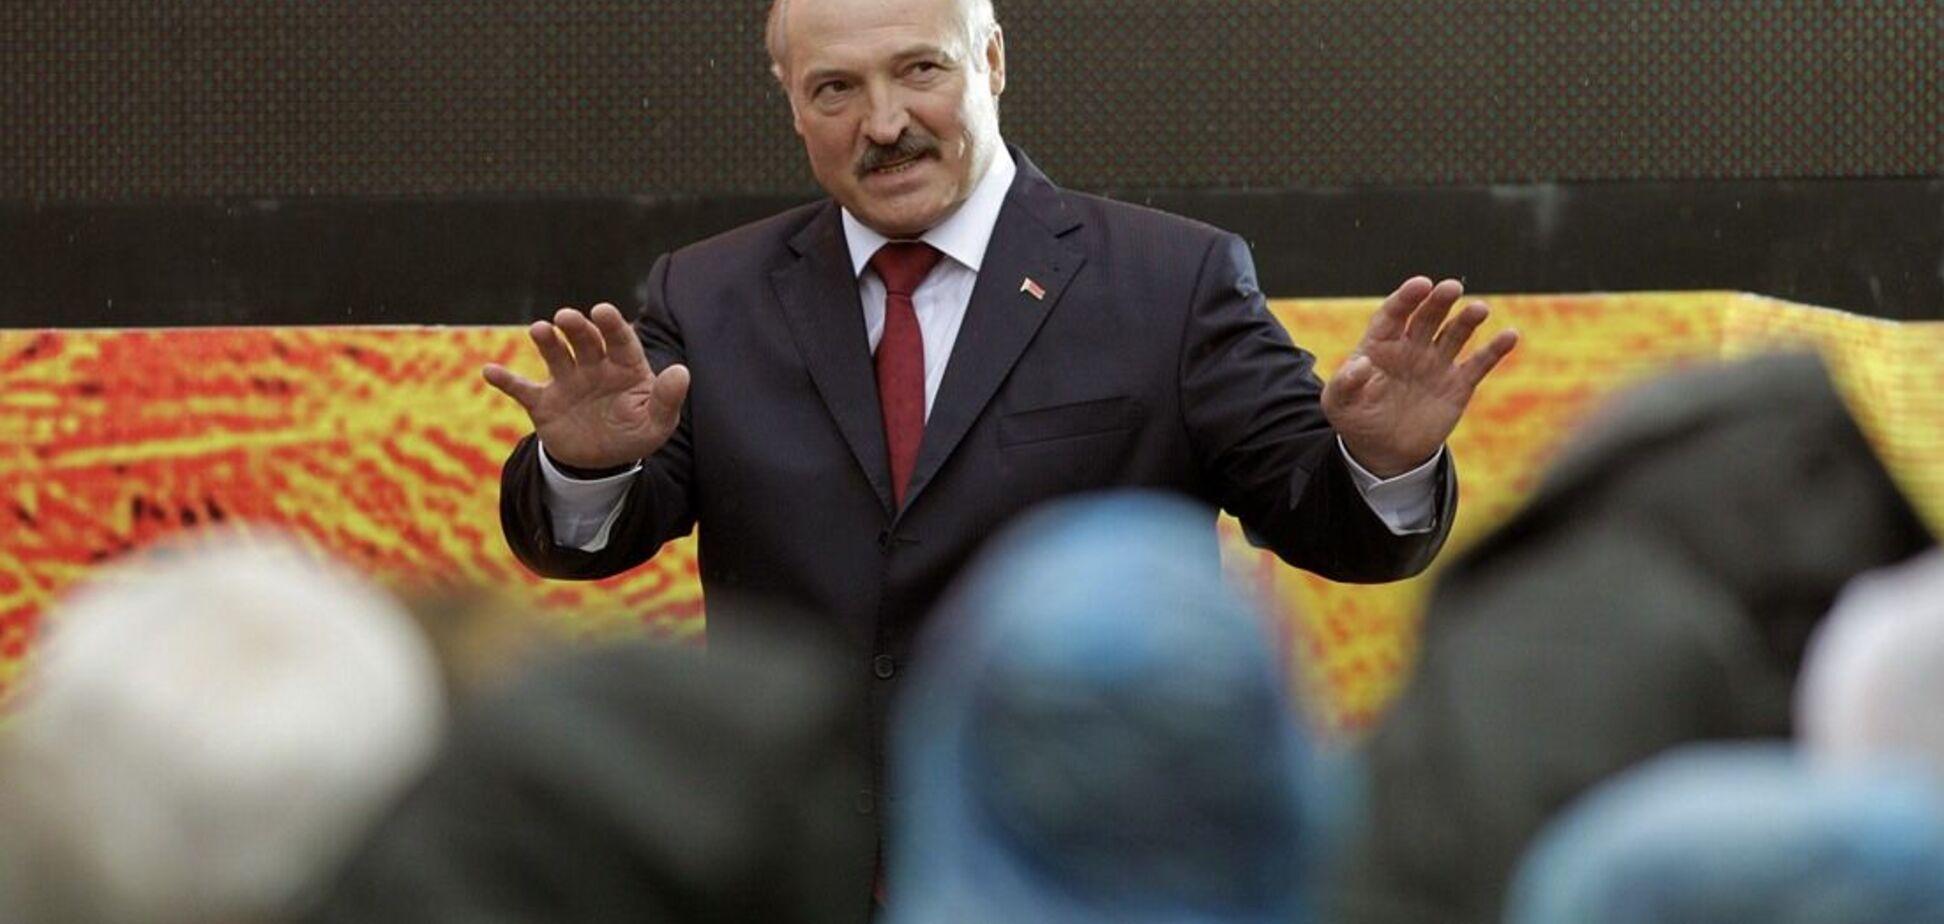 Послание Лукашенко: ожидается мягкое закручивание гаек